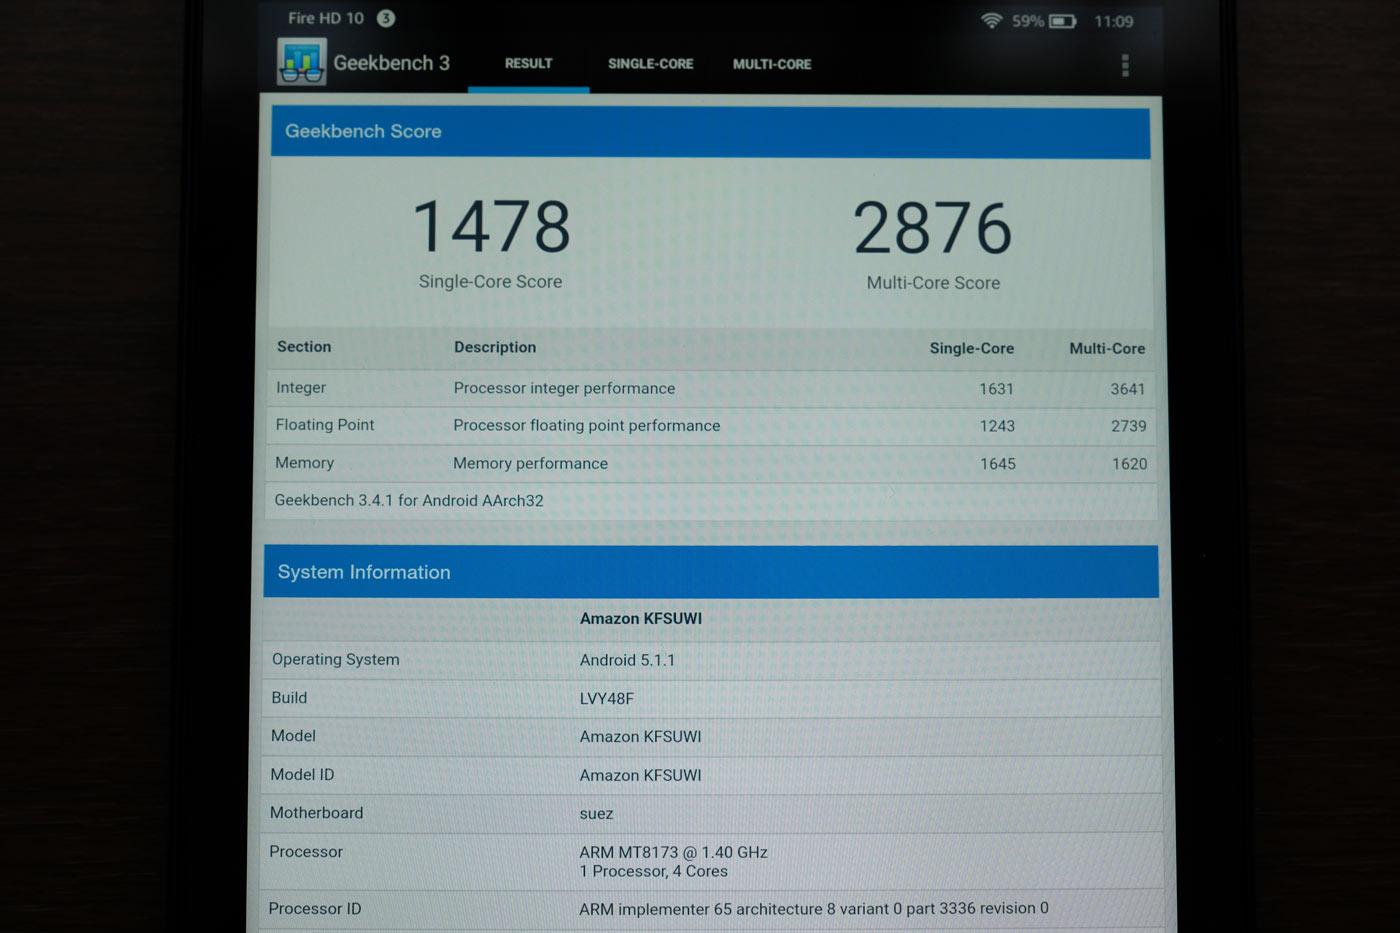 Fire HD 10 CPUの性能